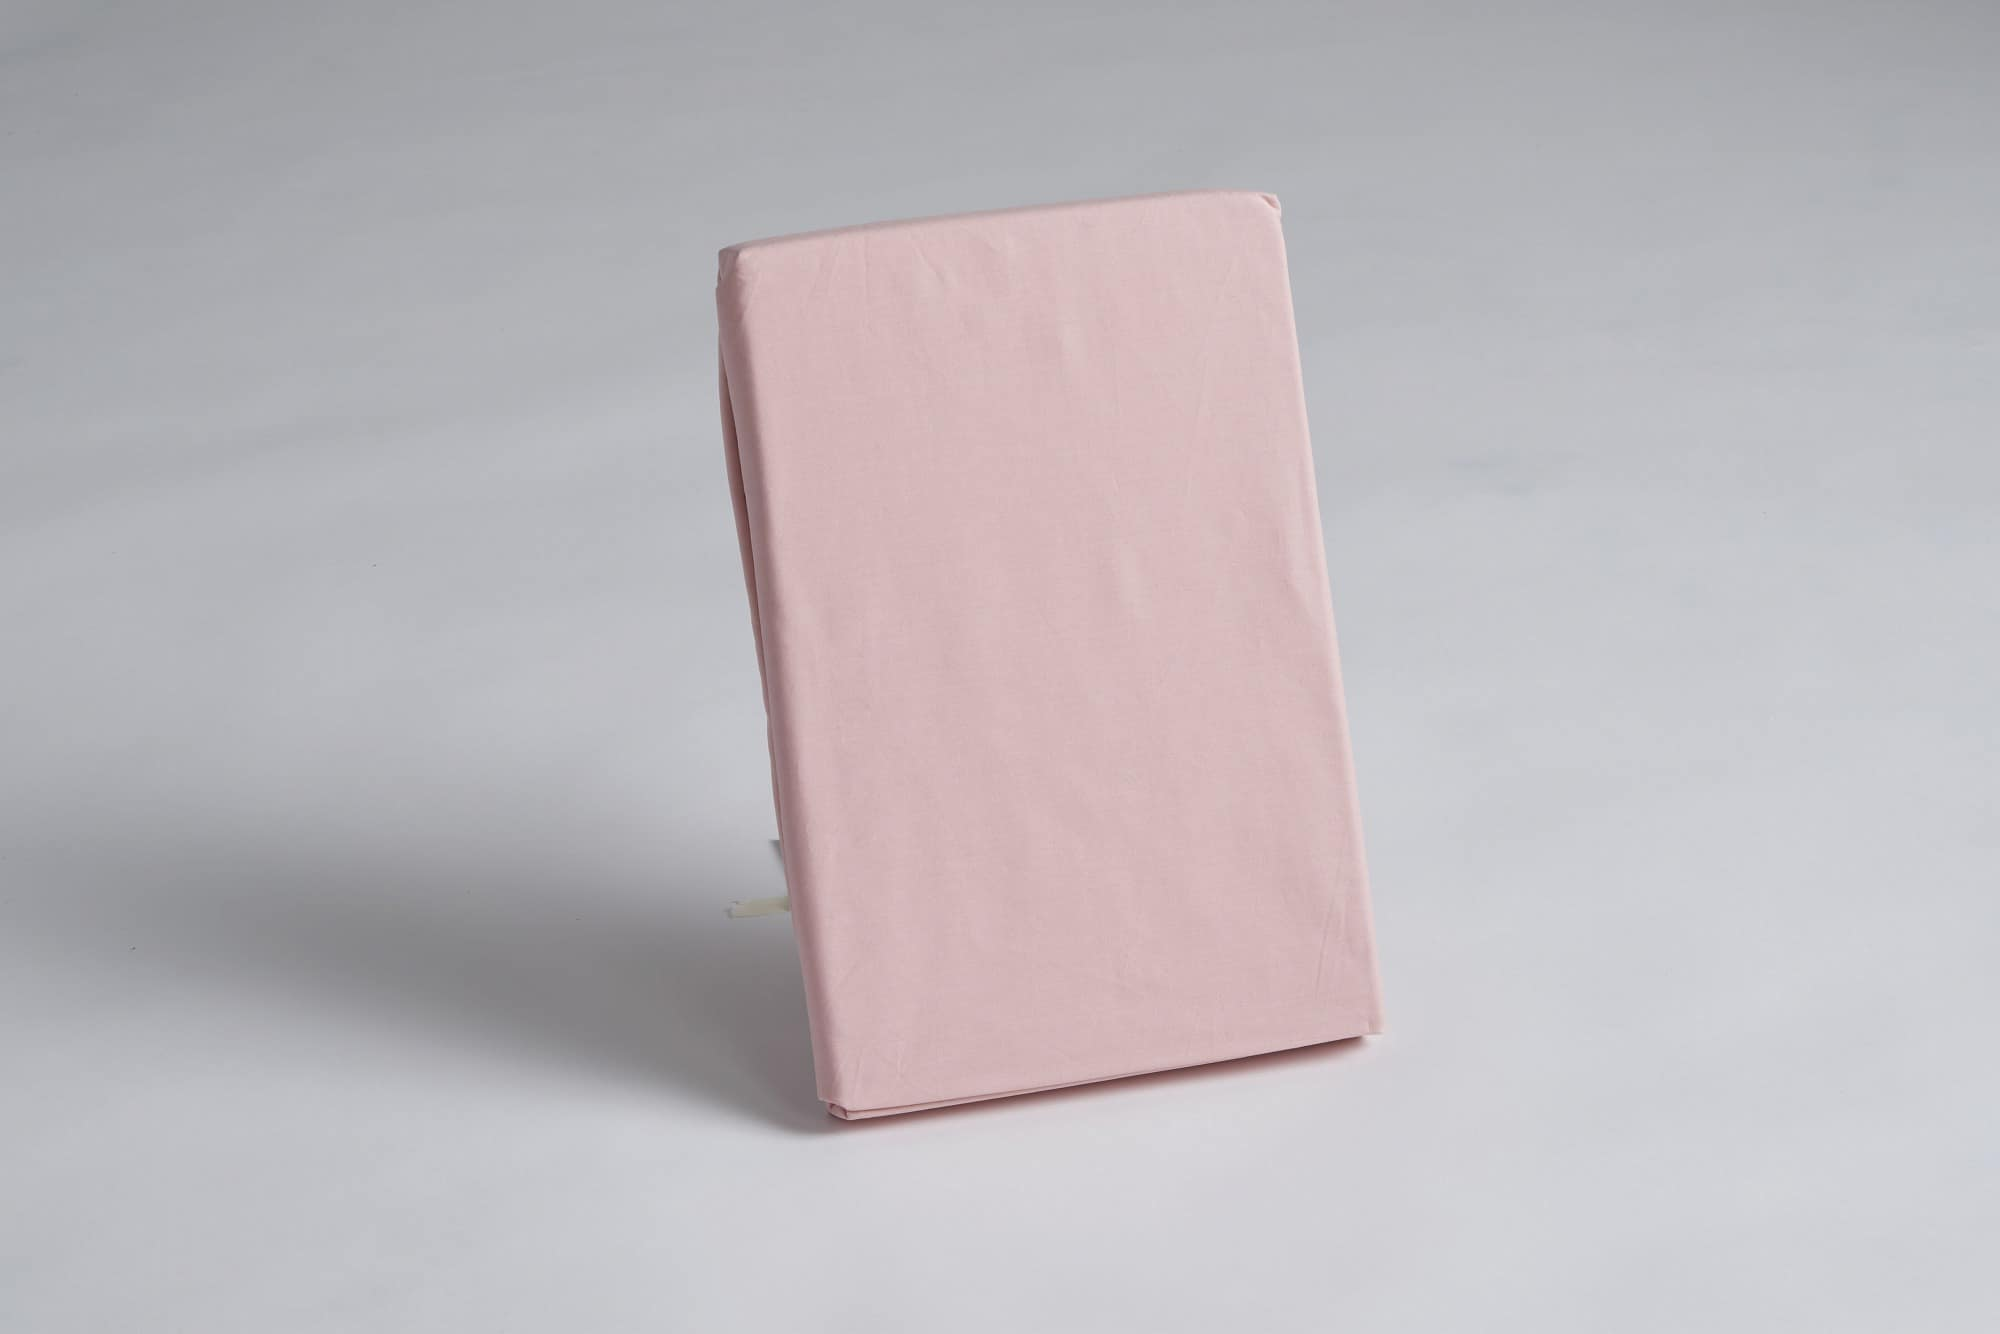 ボックスシーツ シングル用 36H ピンク